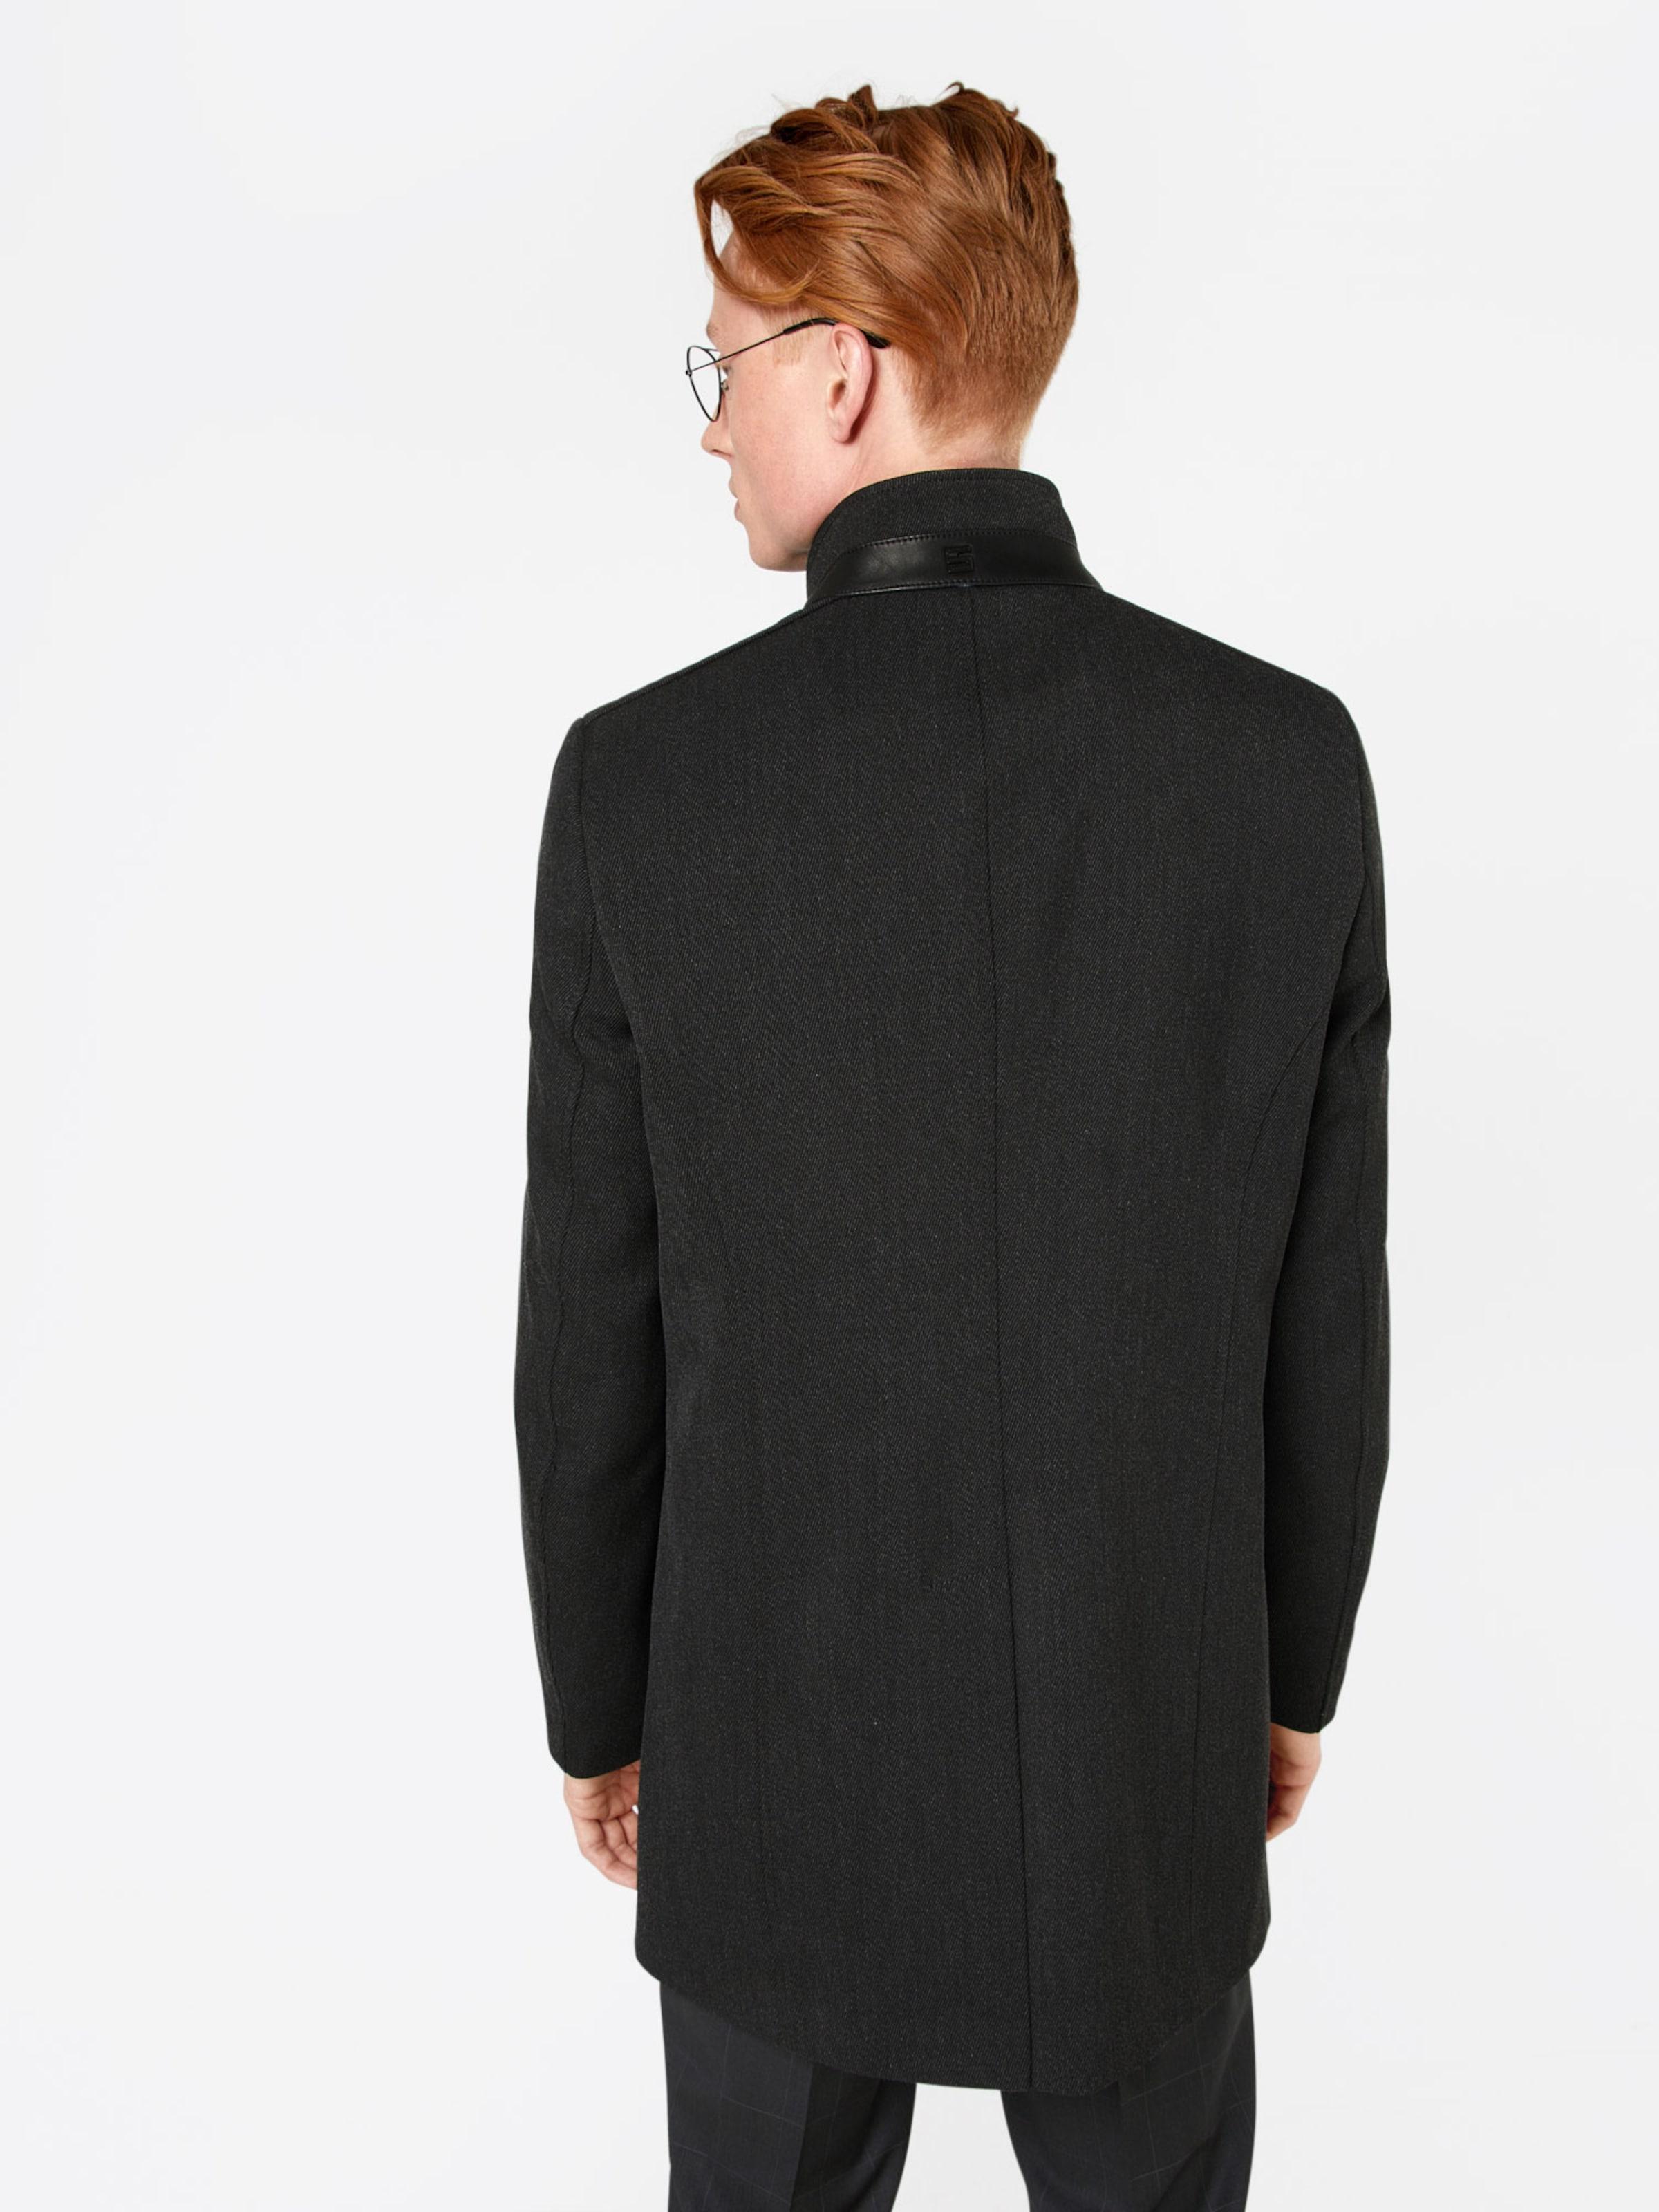 Günstig Kaufen Shop CINQUE Wintermantel 'Oxford' Rabatt Offiziell Shop Für Günstigen Preis aPWLUA